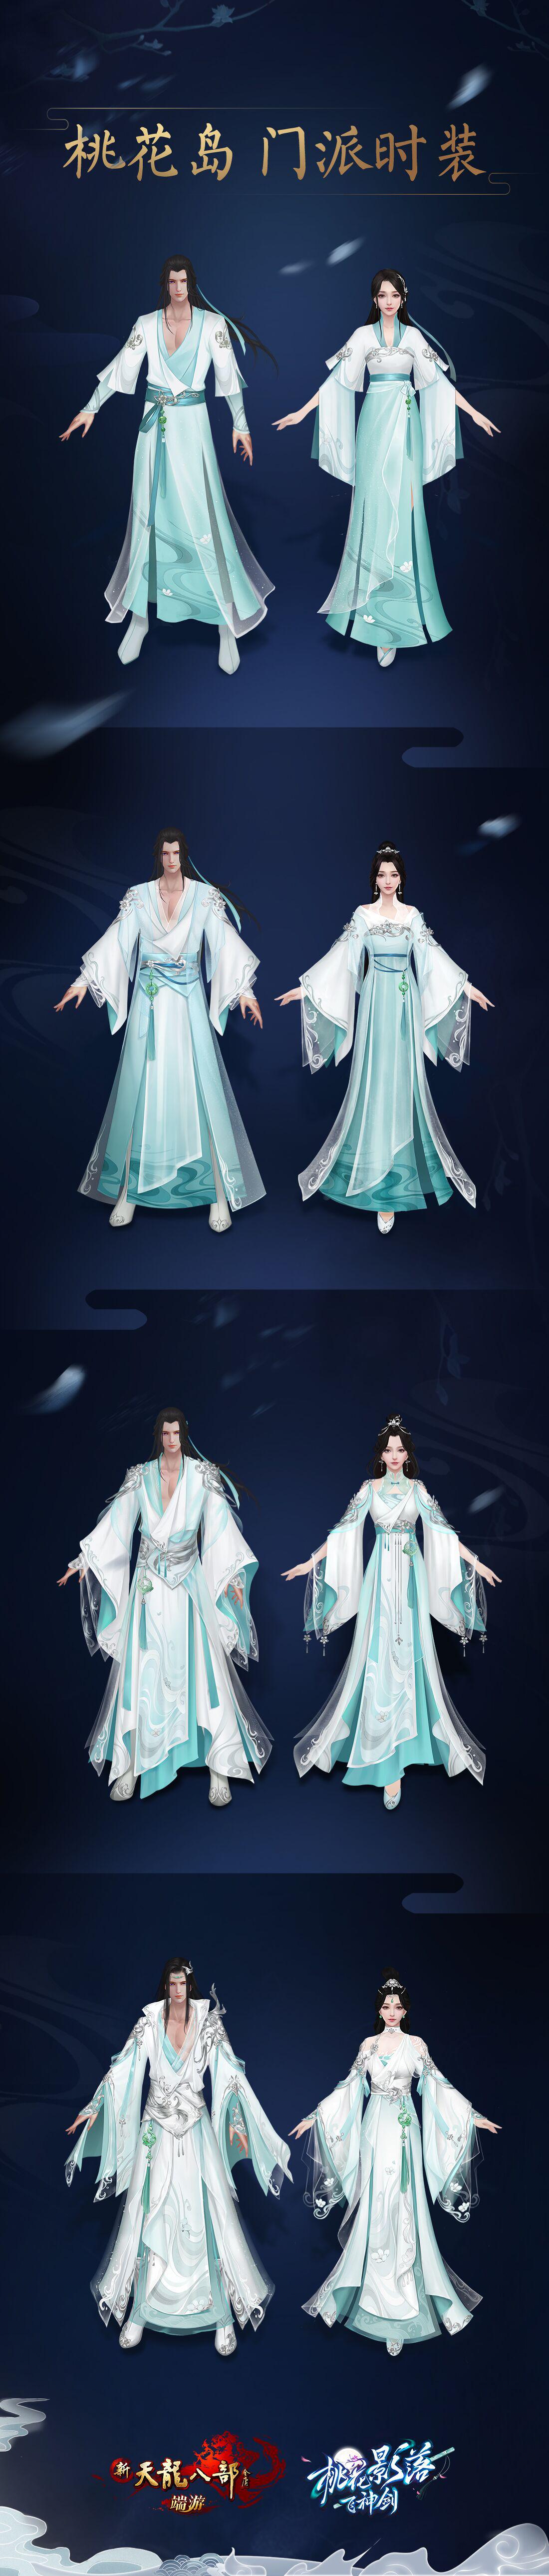 图4:门派时装